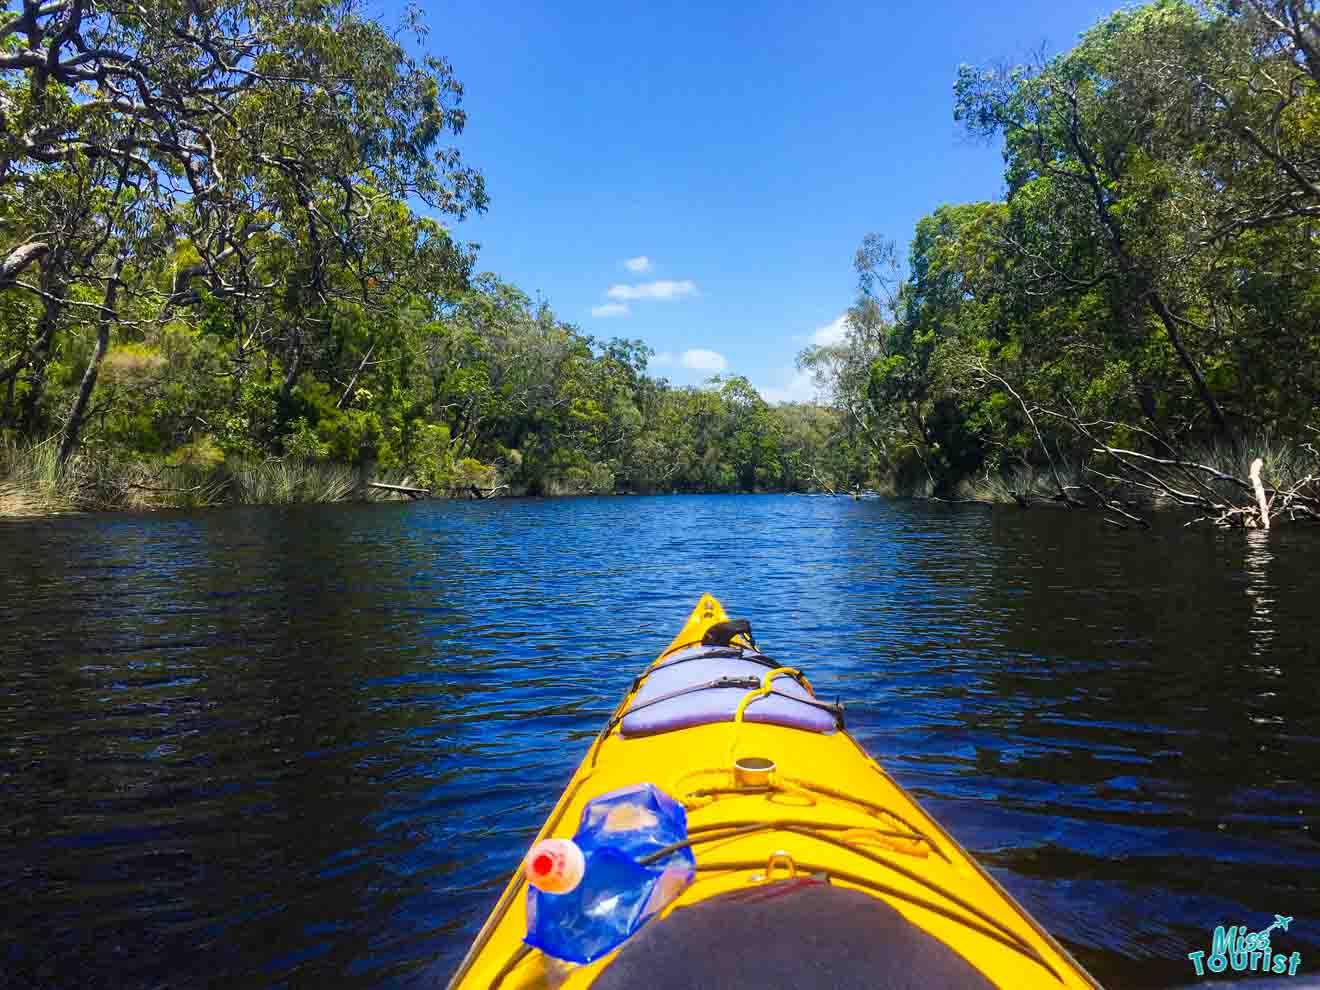 Cosas que hacer en kayak en Sunshine Coast